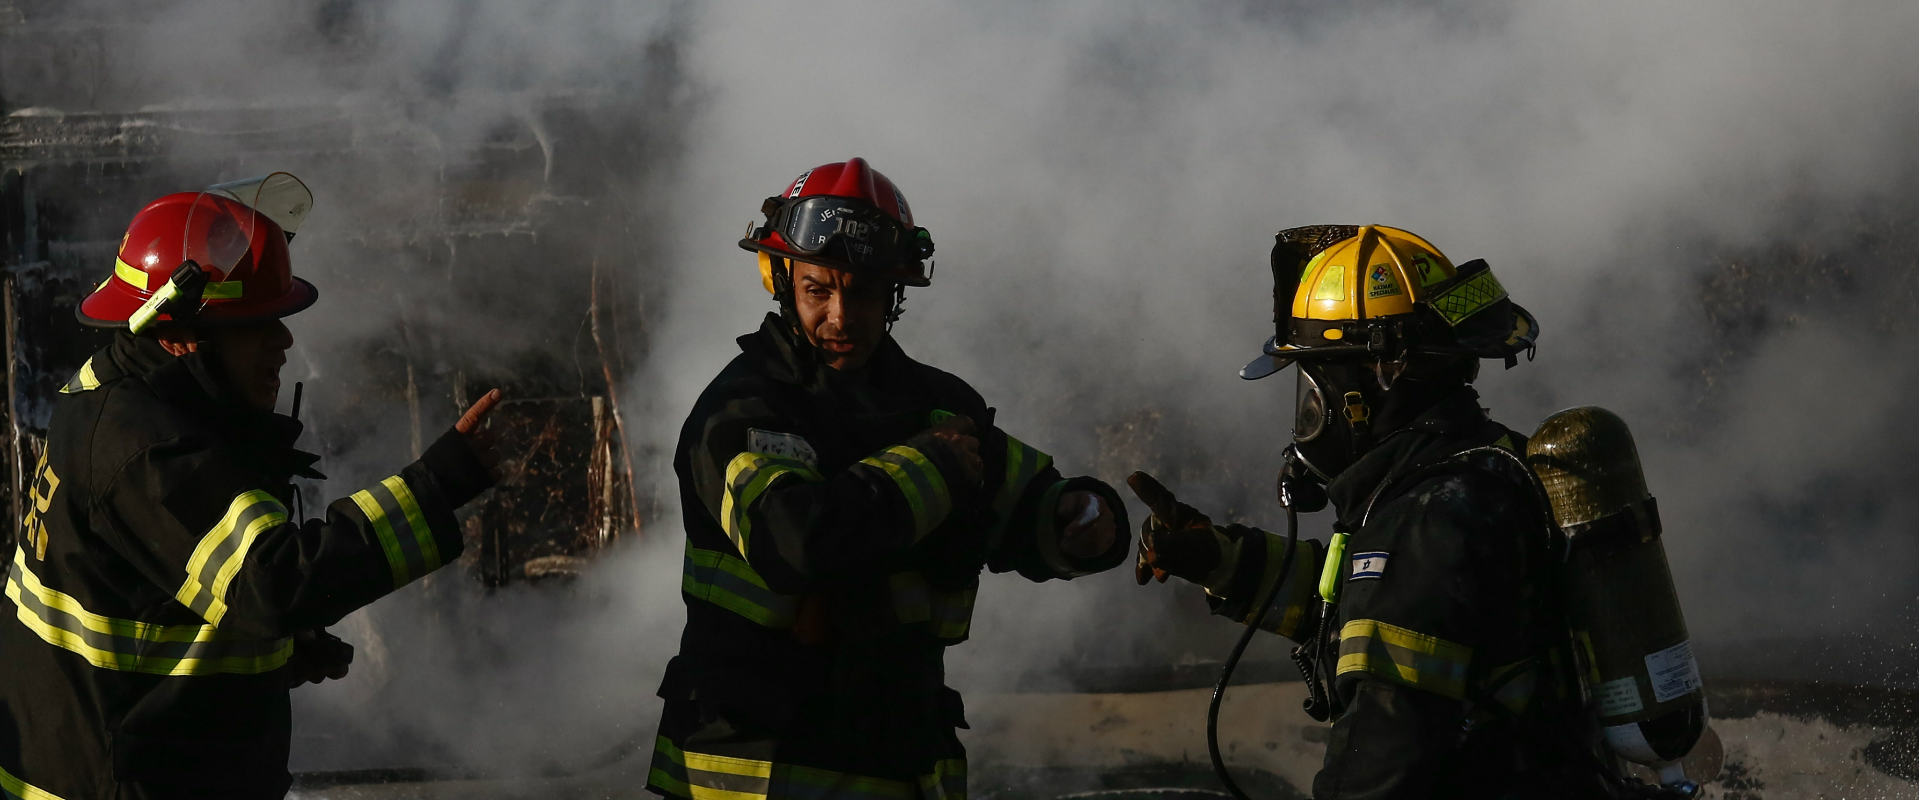 כוחות הצלה בזירת פיגוע בירושלים